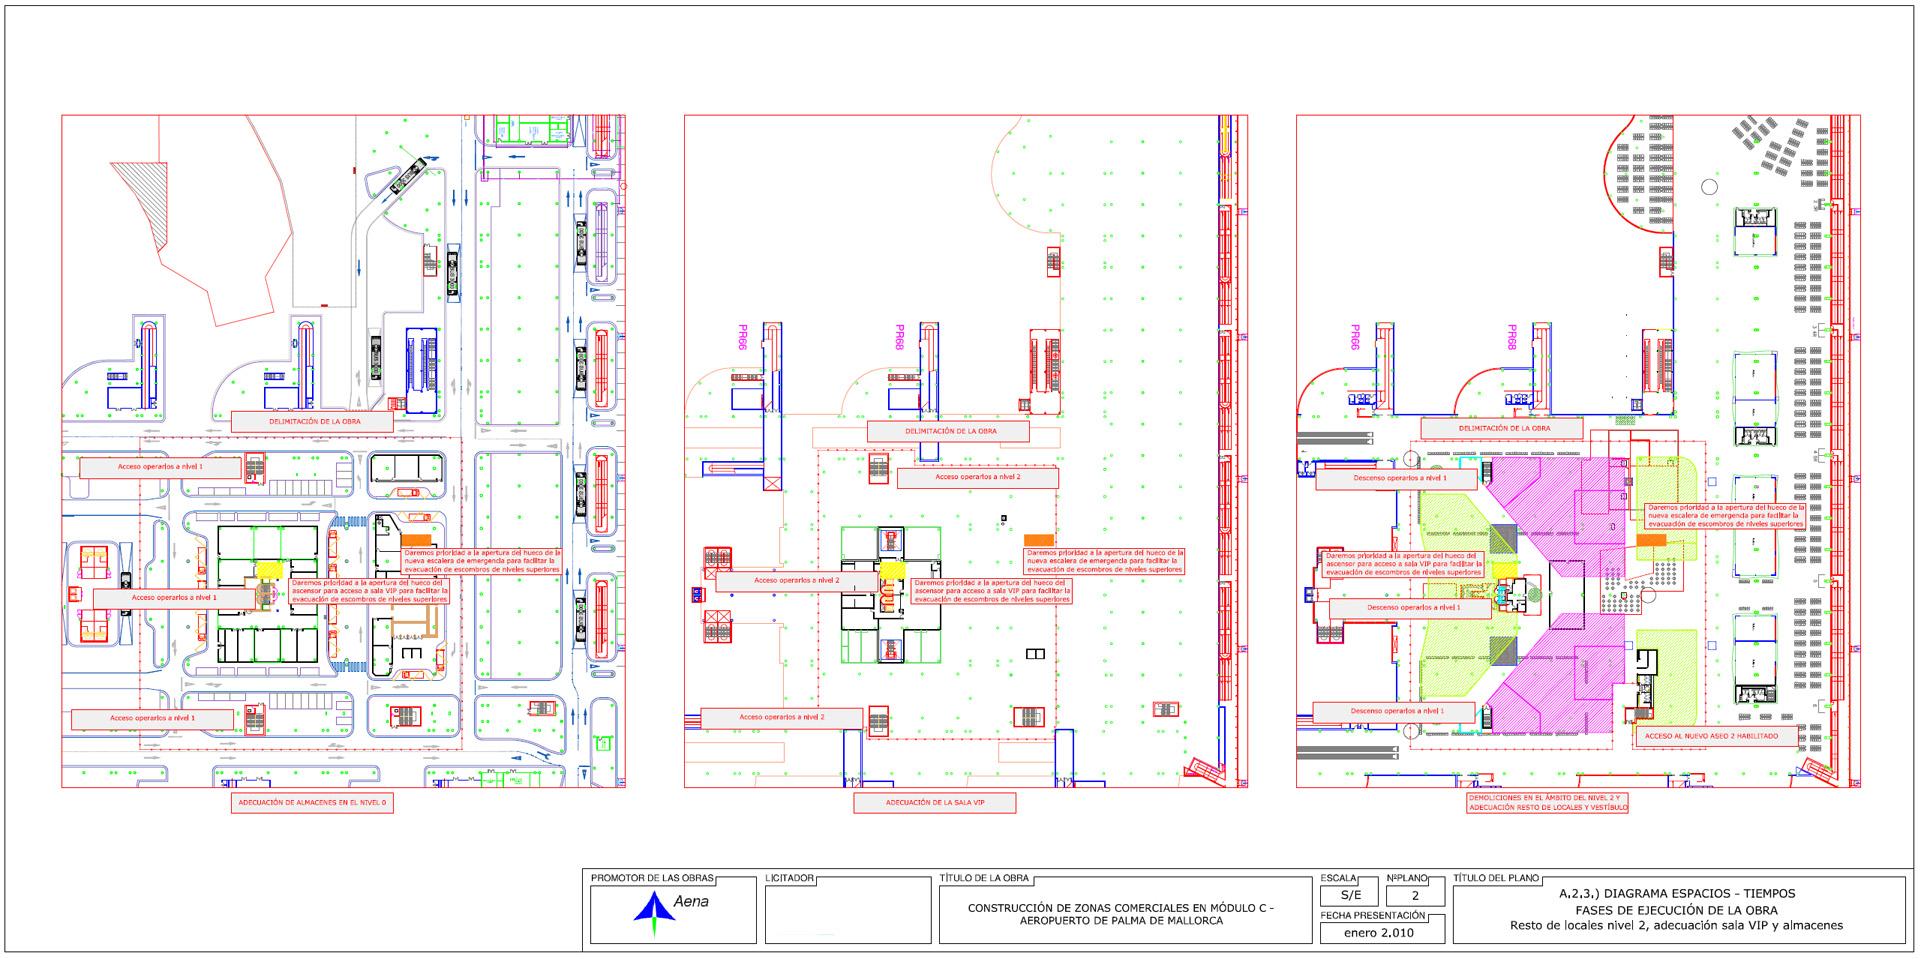 08.Aeropuerto Mallorca. Fases ejecución elaboradas por DEINTEC.2